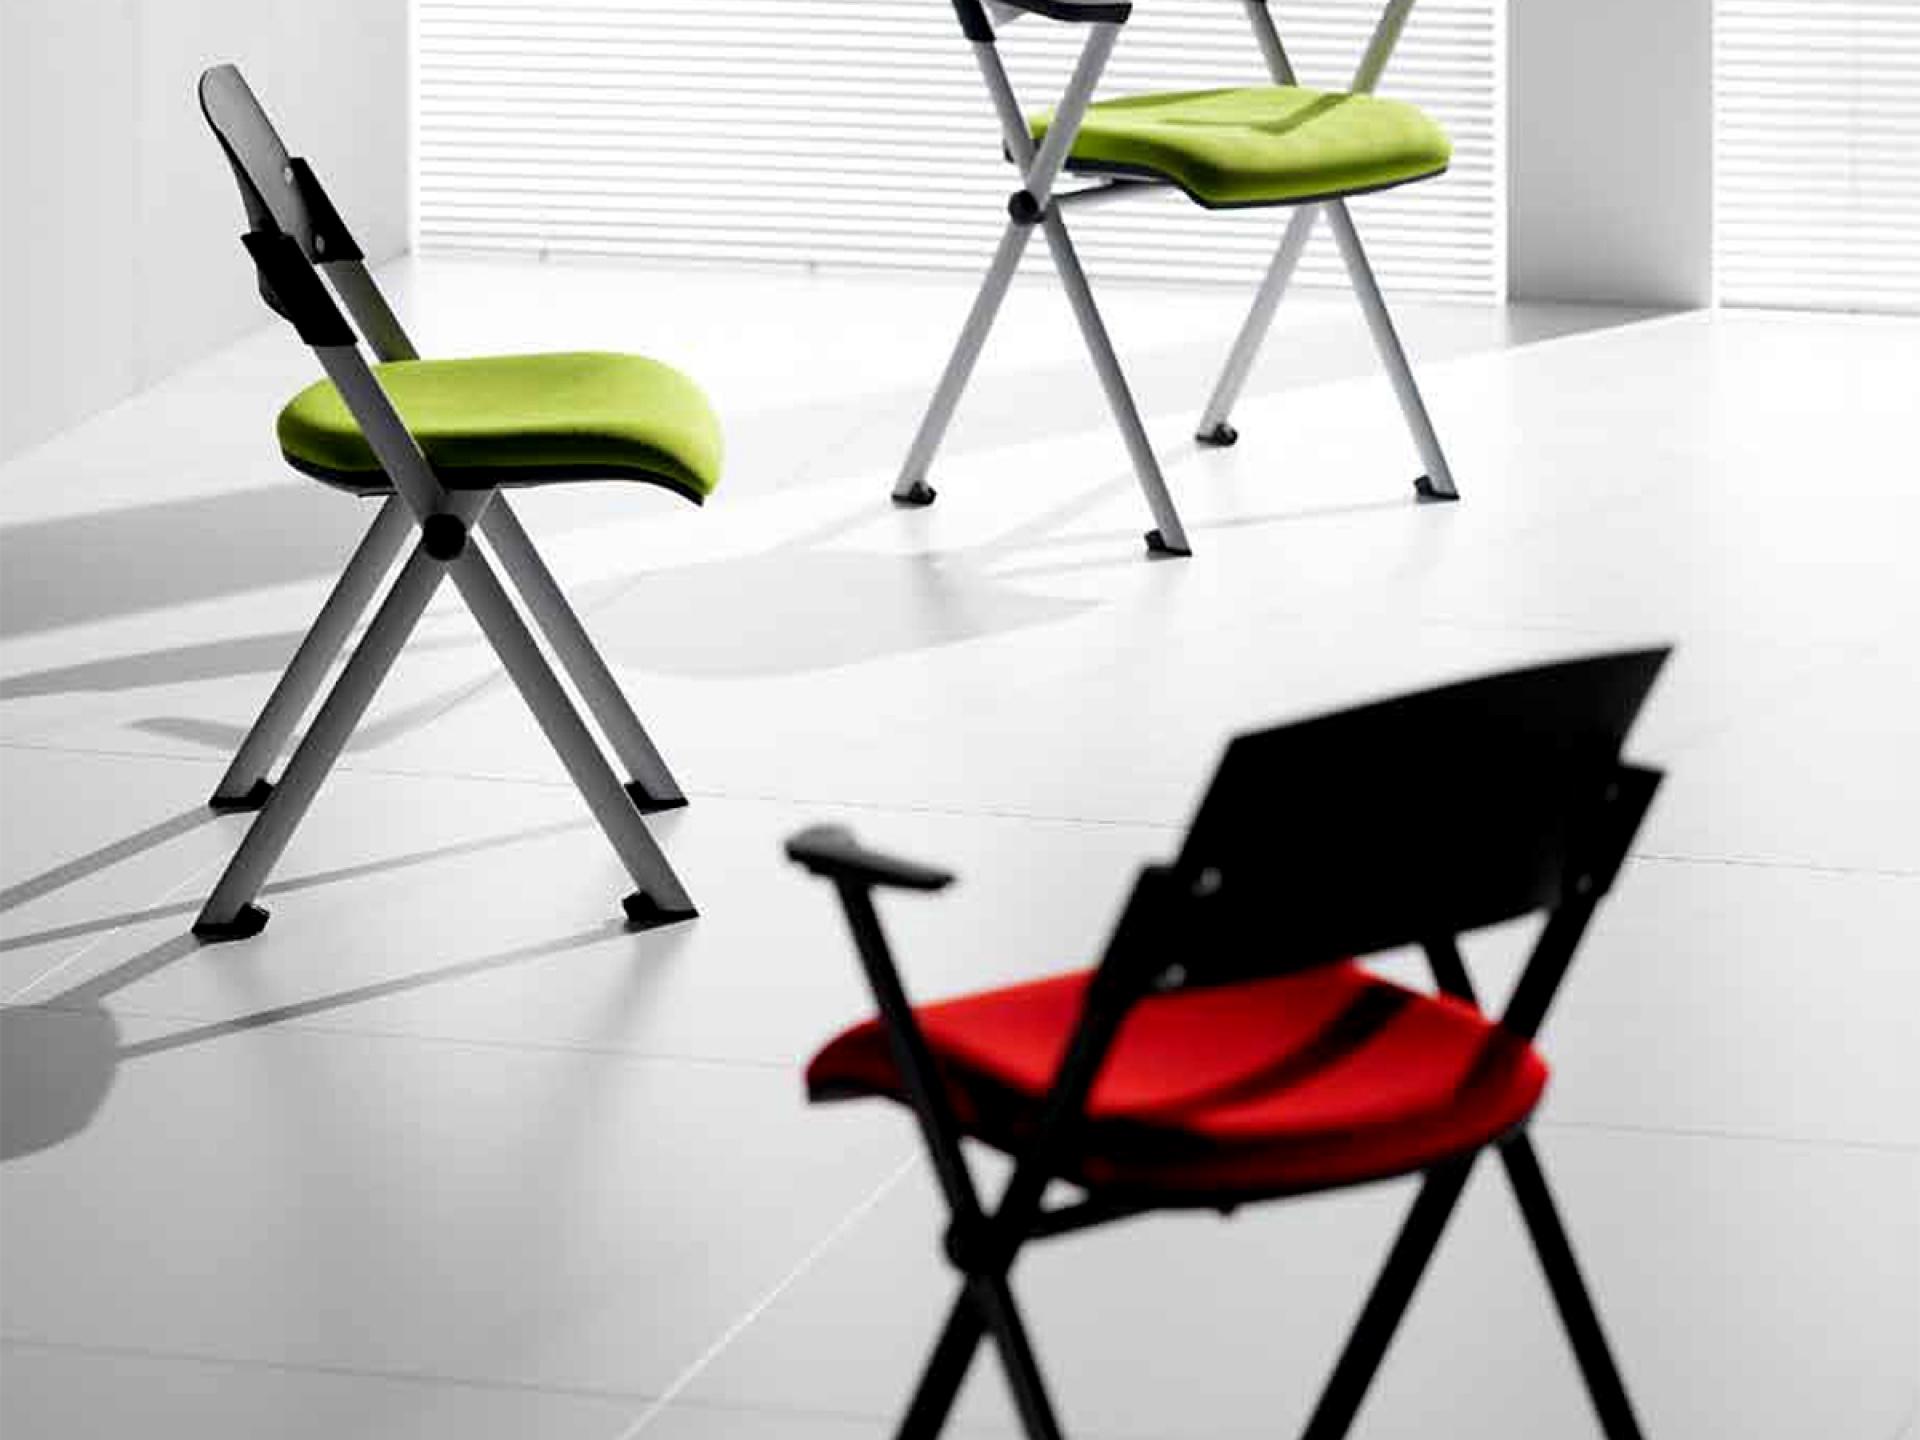 Кресла и откидные стулья, для кого и почему?